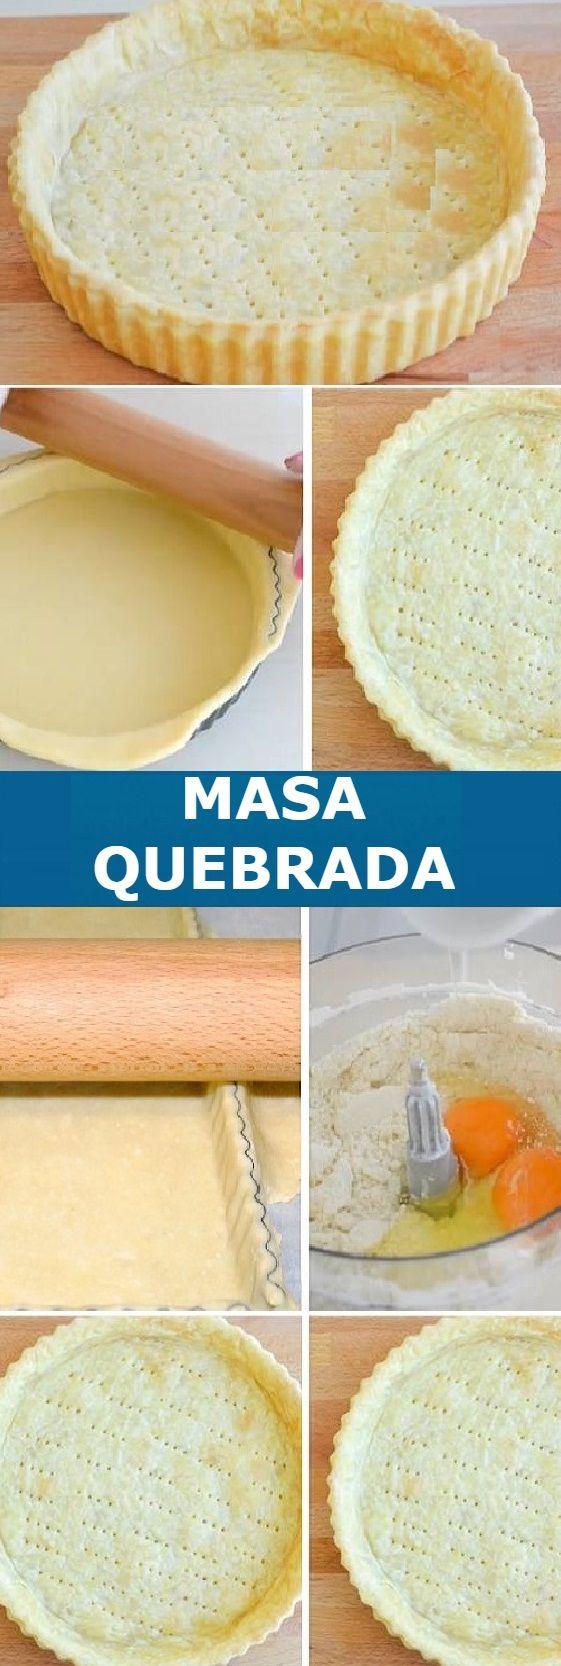 f106c5f9ecf7bb582767baaac765b750 - Recetas Con Masa Quebrada